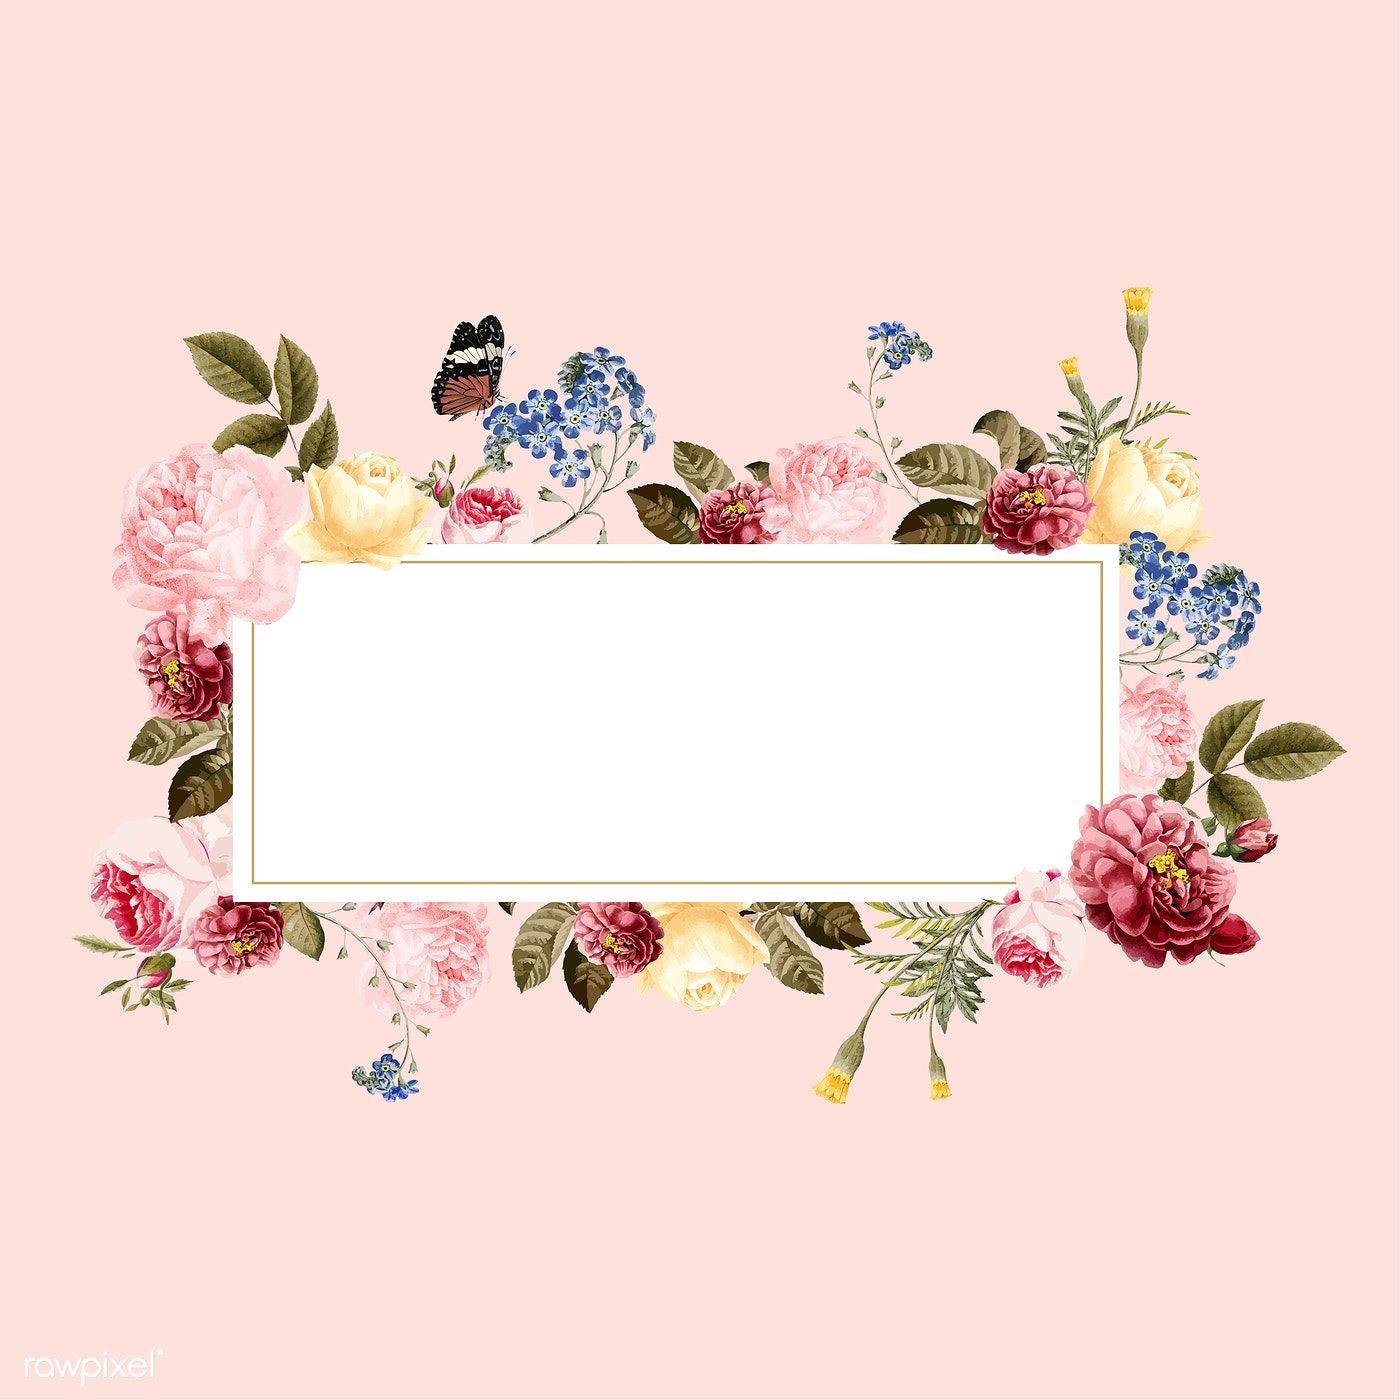 Download Premium Vector Of Blank Floral Frame Card Illustration 471730 Card Illustration Floral Poster Frame Card